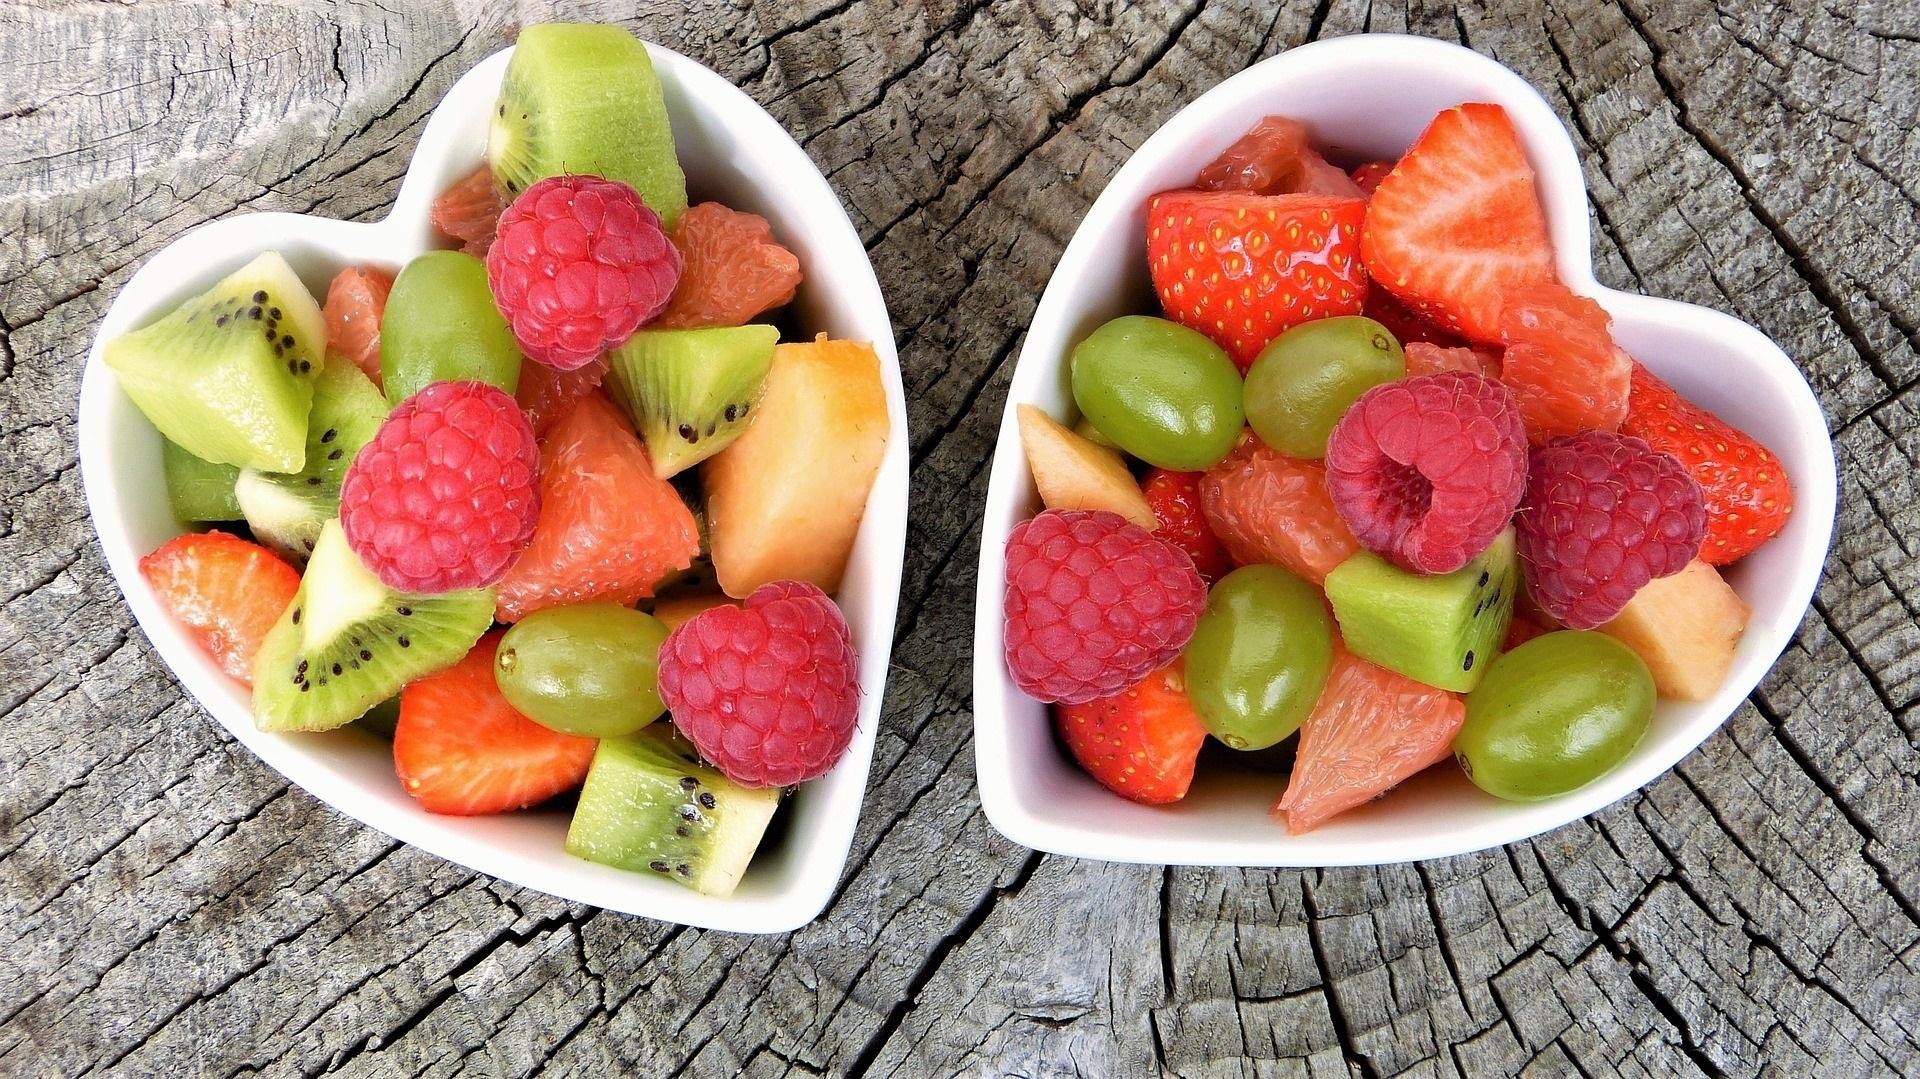 Tendencias de consumo de frutas y verduras